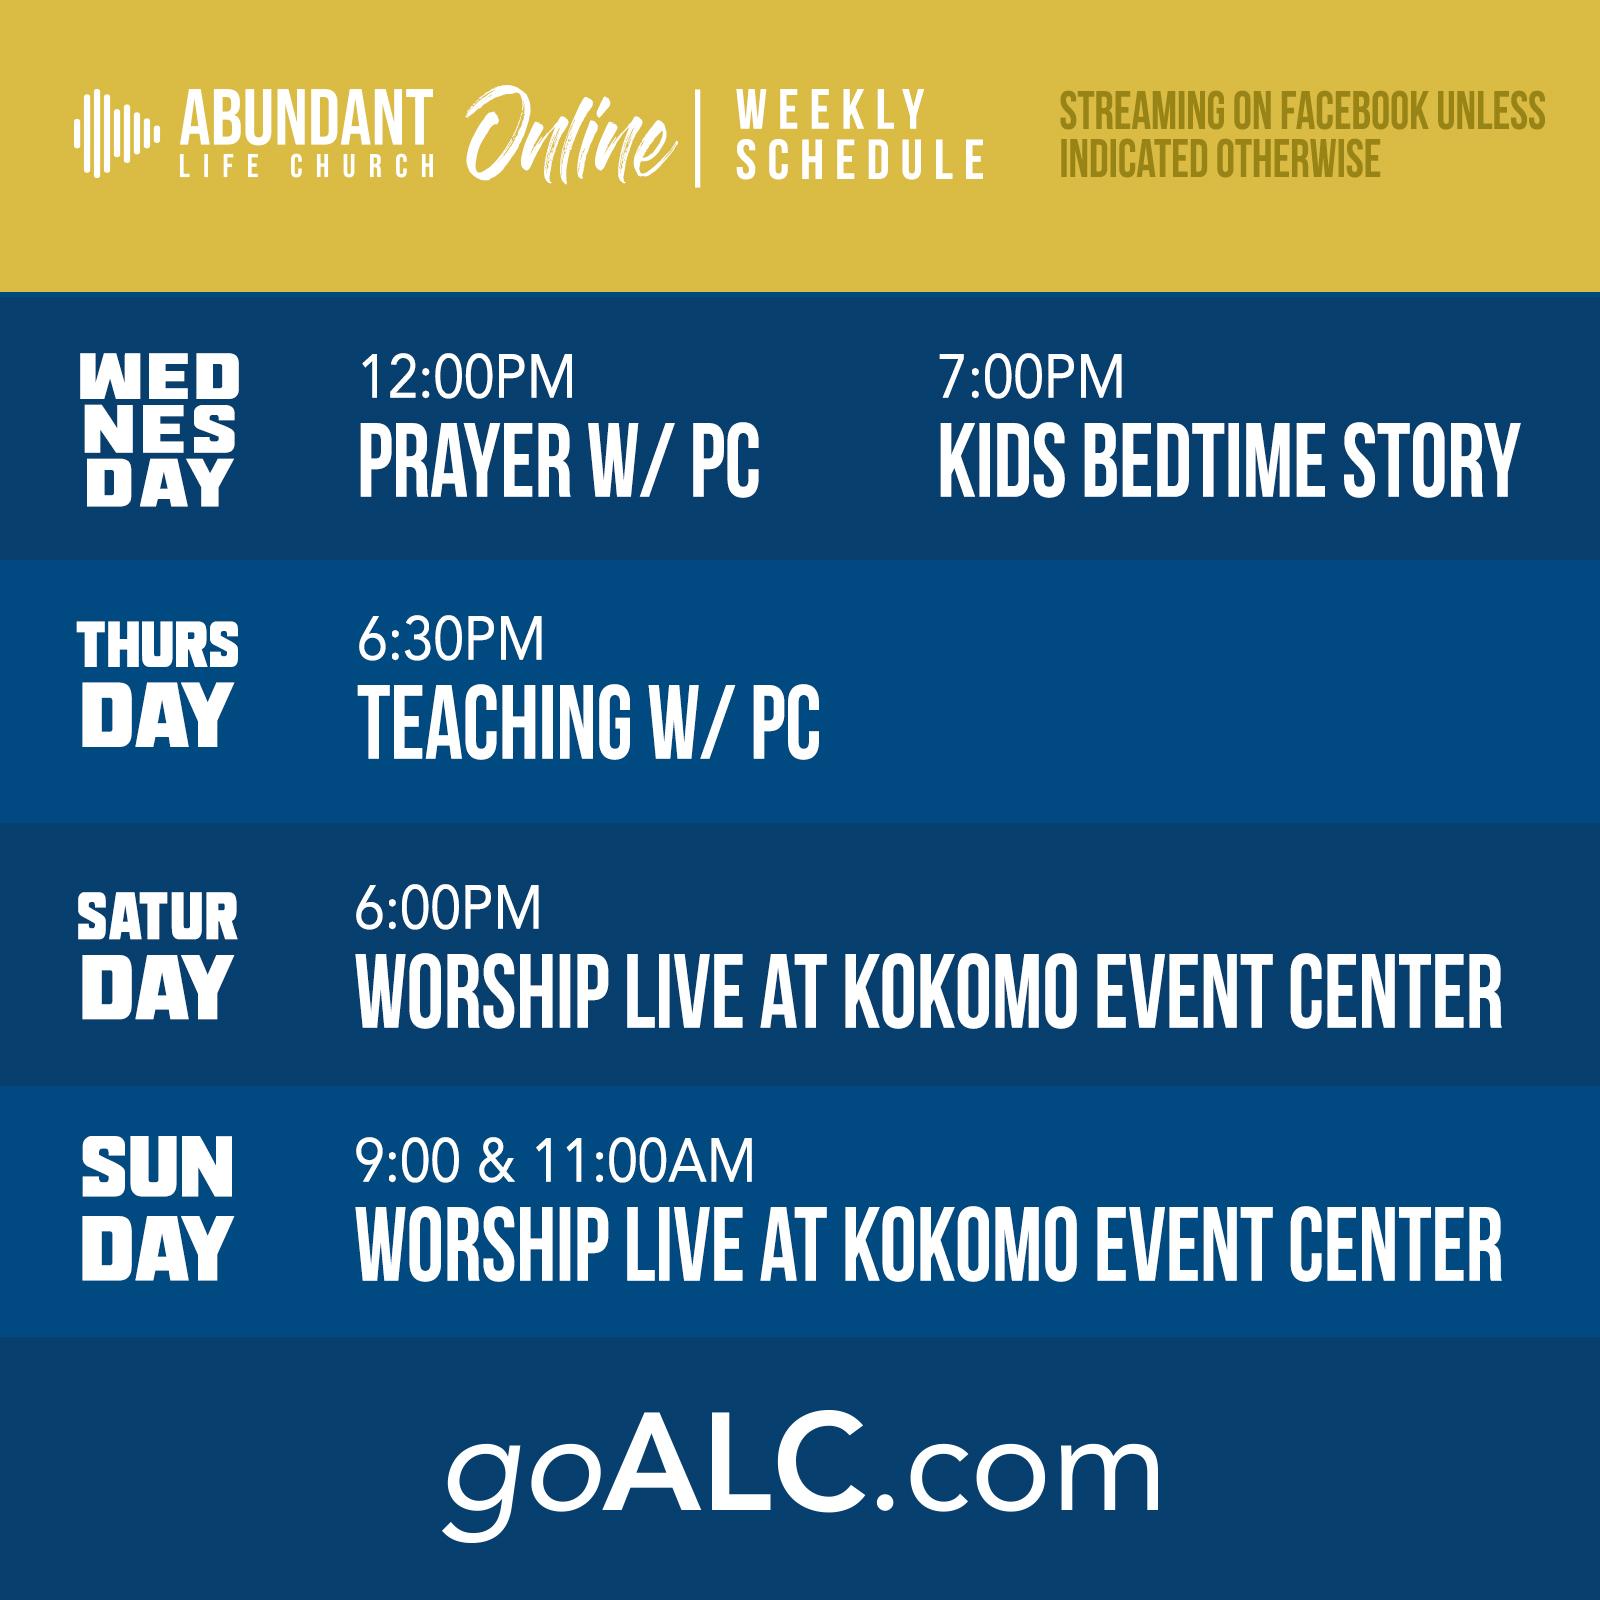 Online-Weekly-Schedule-2